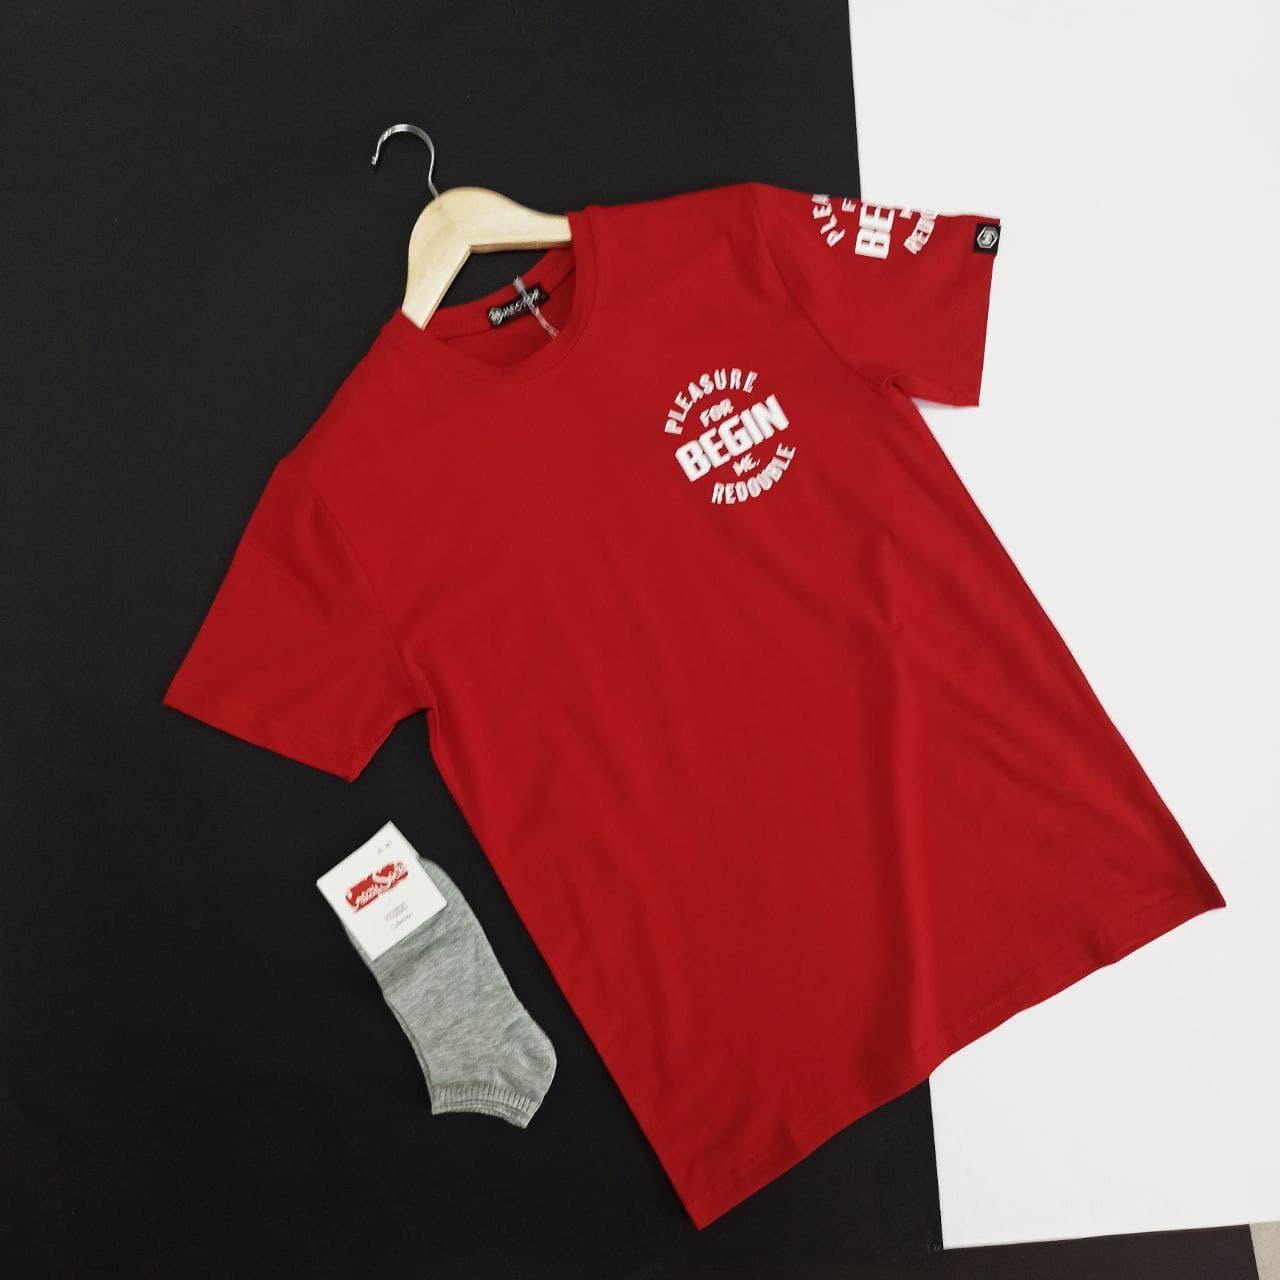 Яскрава червона чоловіча футболка з молодіжним накатом написом на грудях з натуральної бавовни